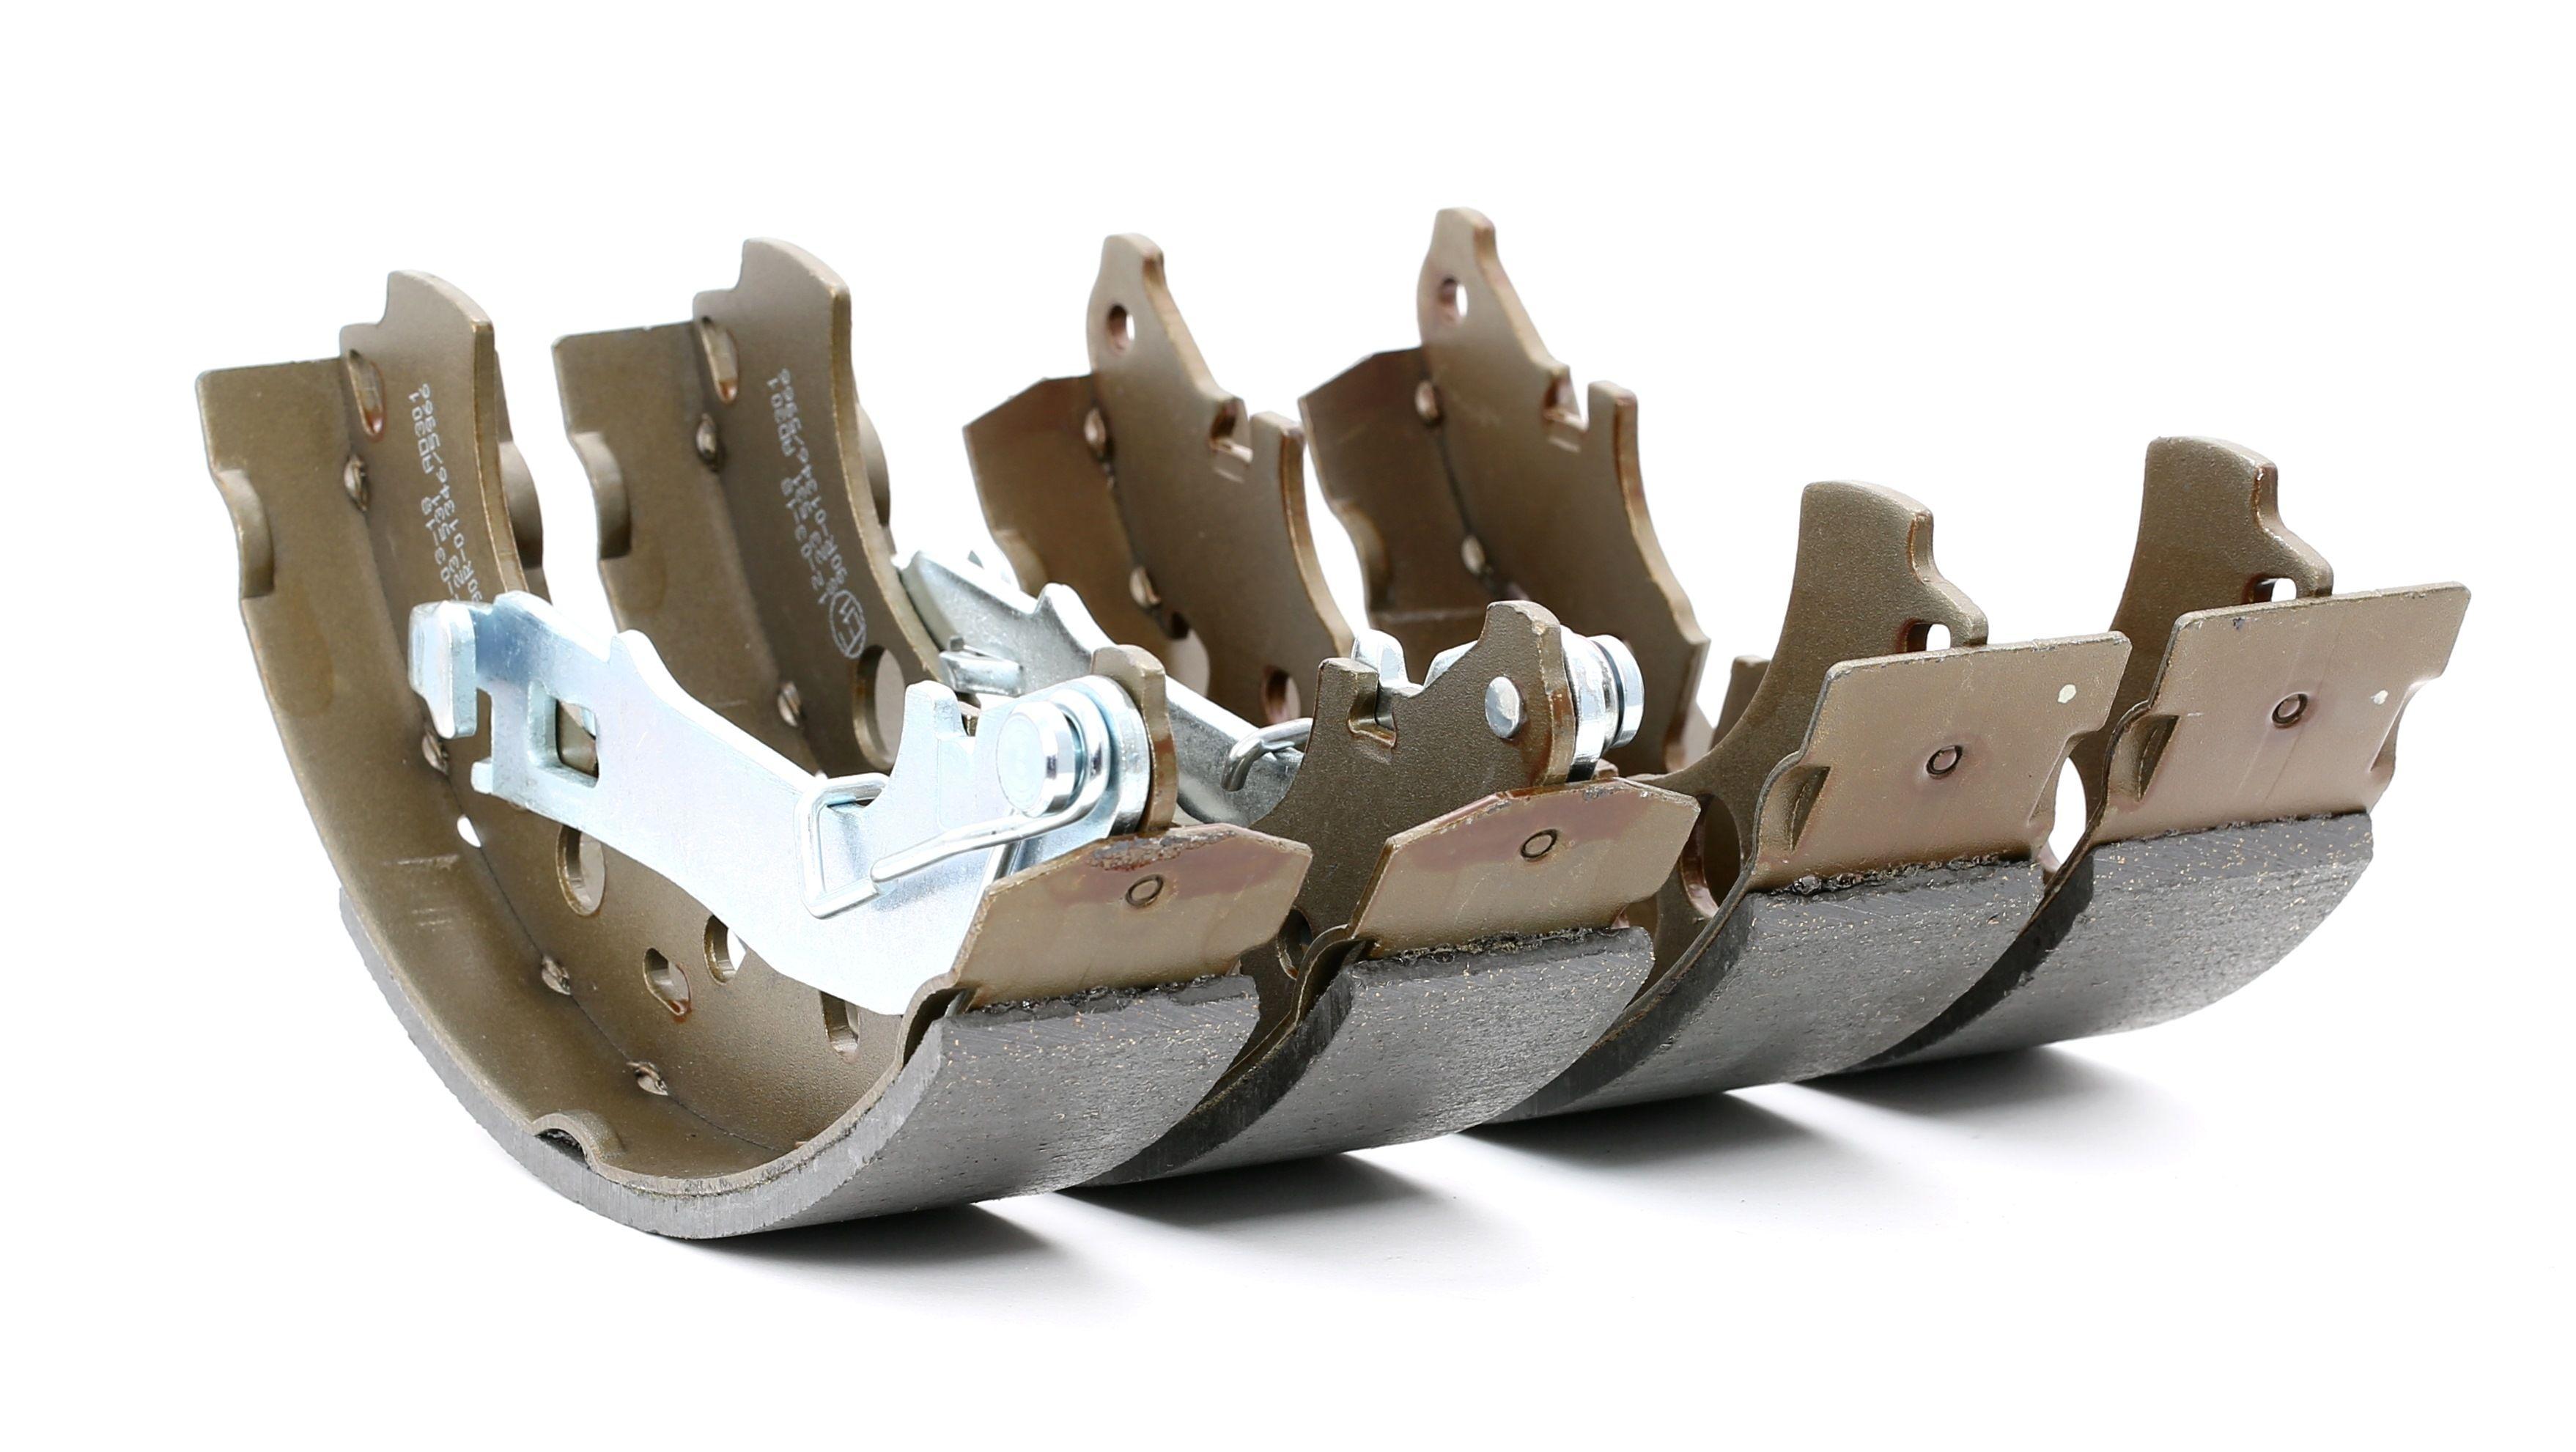 BREMBO: Original Bremsklötze für Trommelbremse S 23 531 (Breite: 42mm)